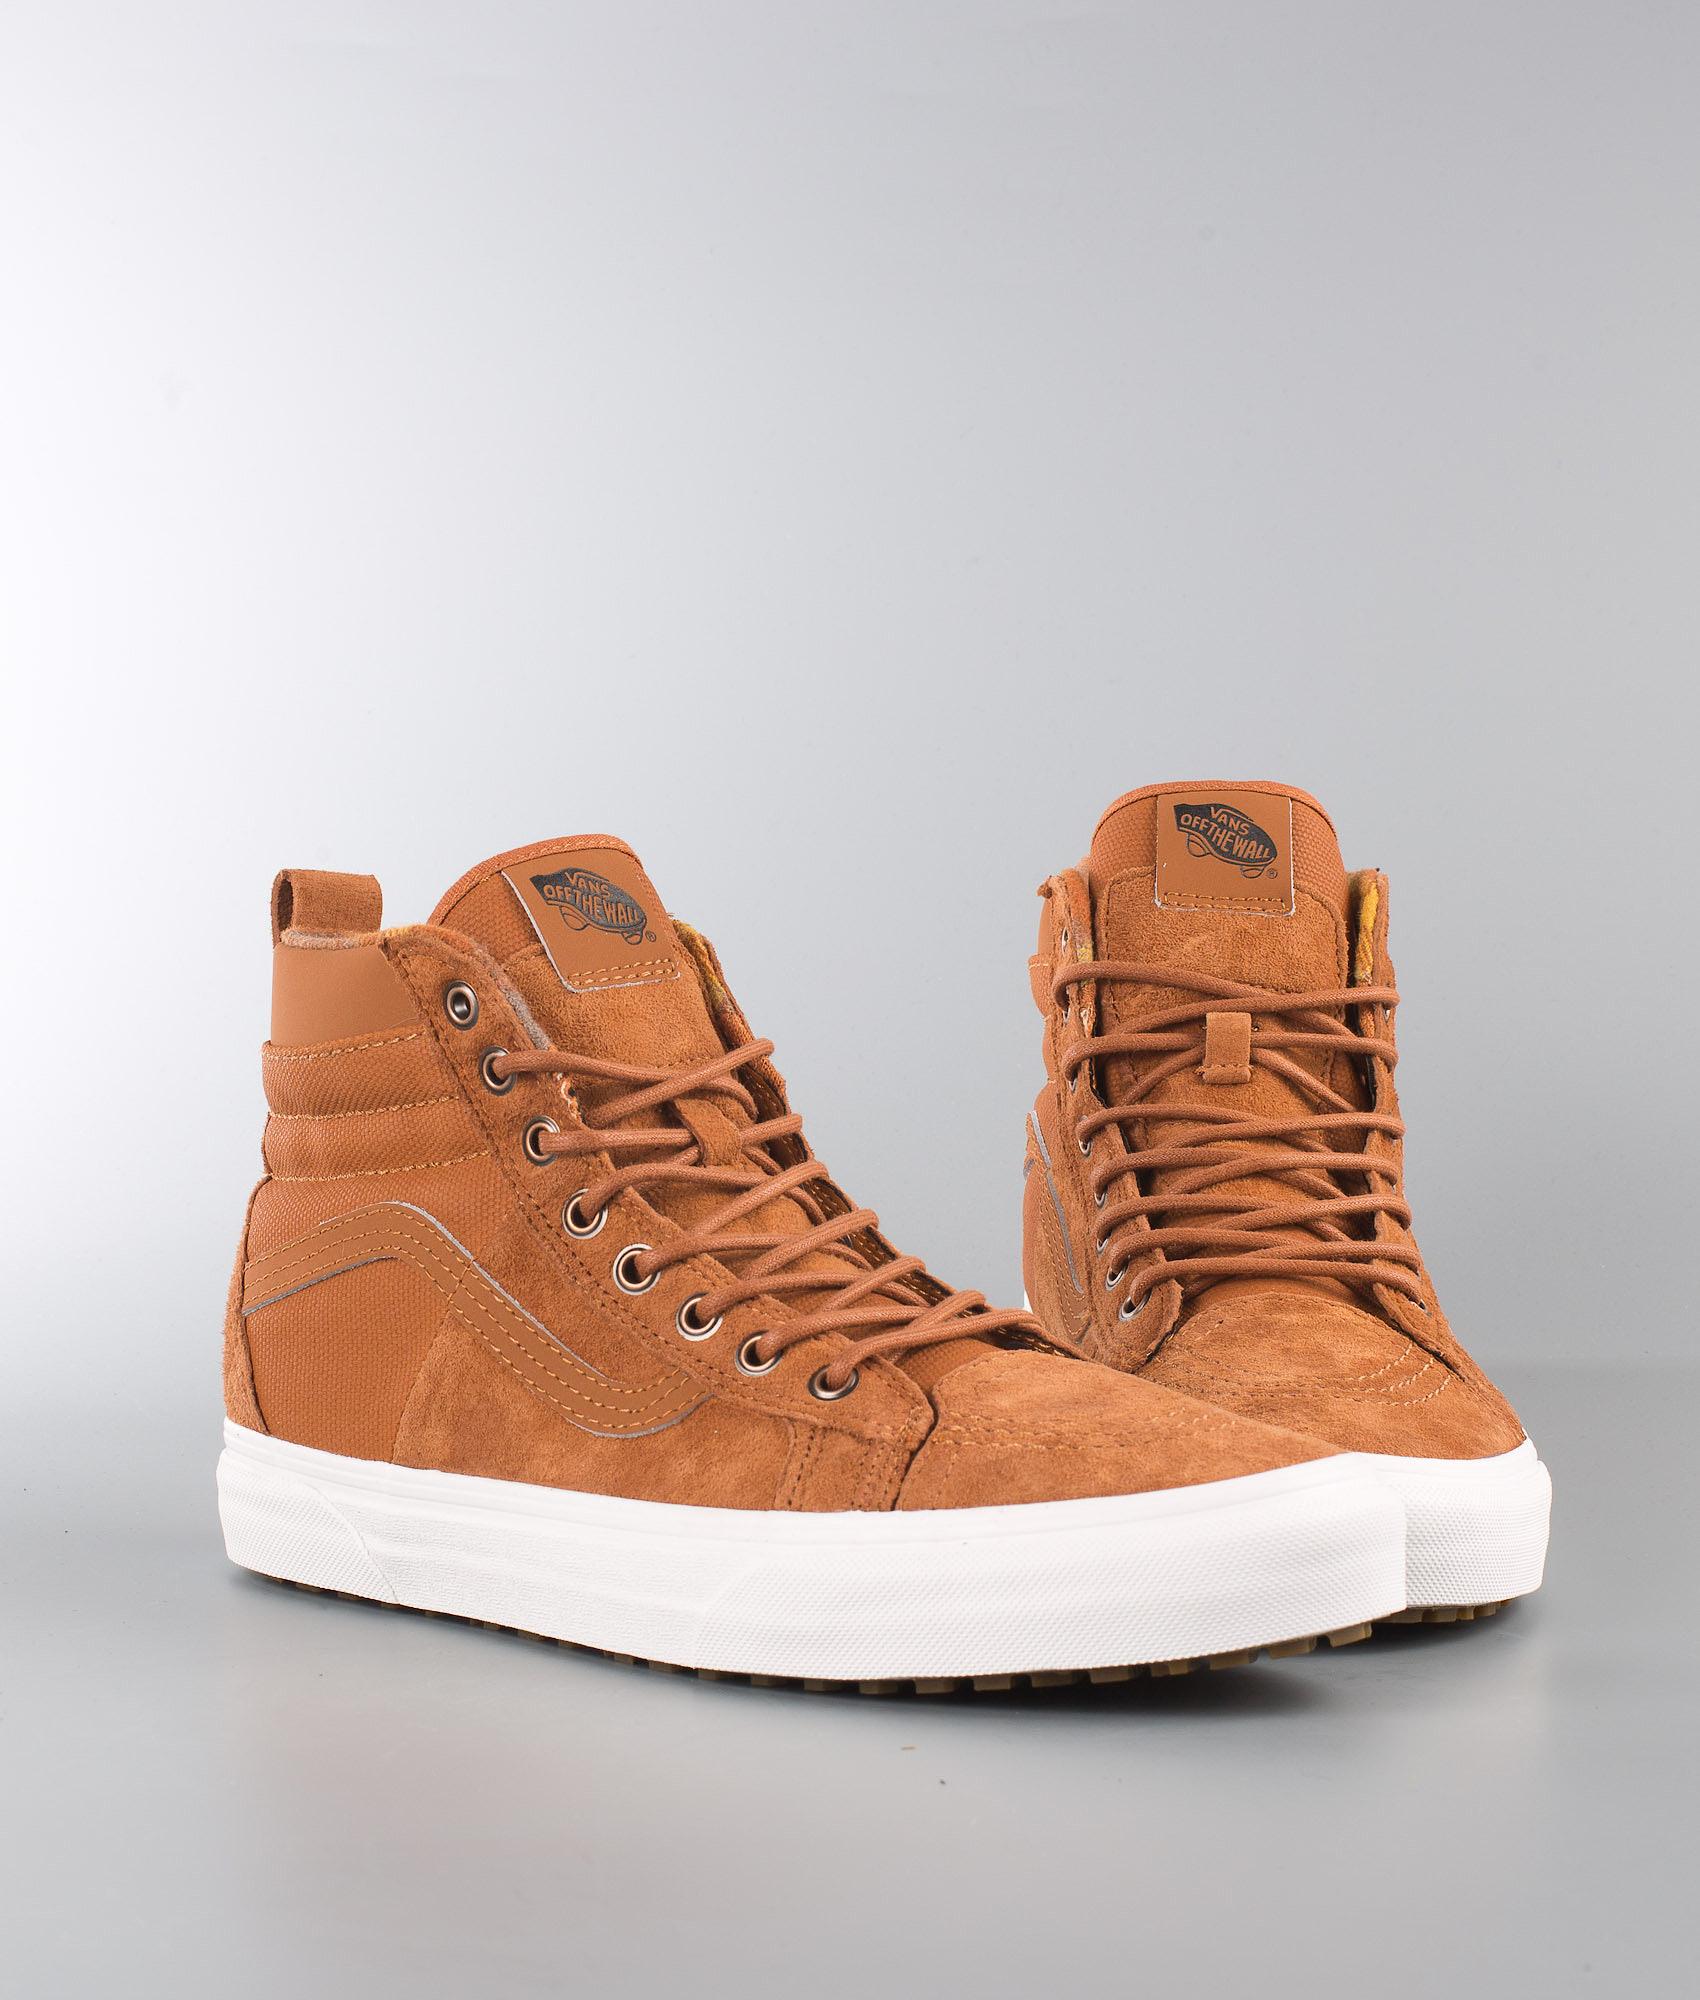 335844f75a5d2 Vans Sk8-Hi 46 Mte Dx Shoes (Mte) Glazed Ginger Flannel - Ridestore.com